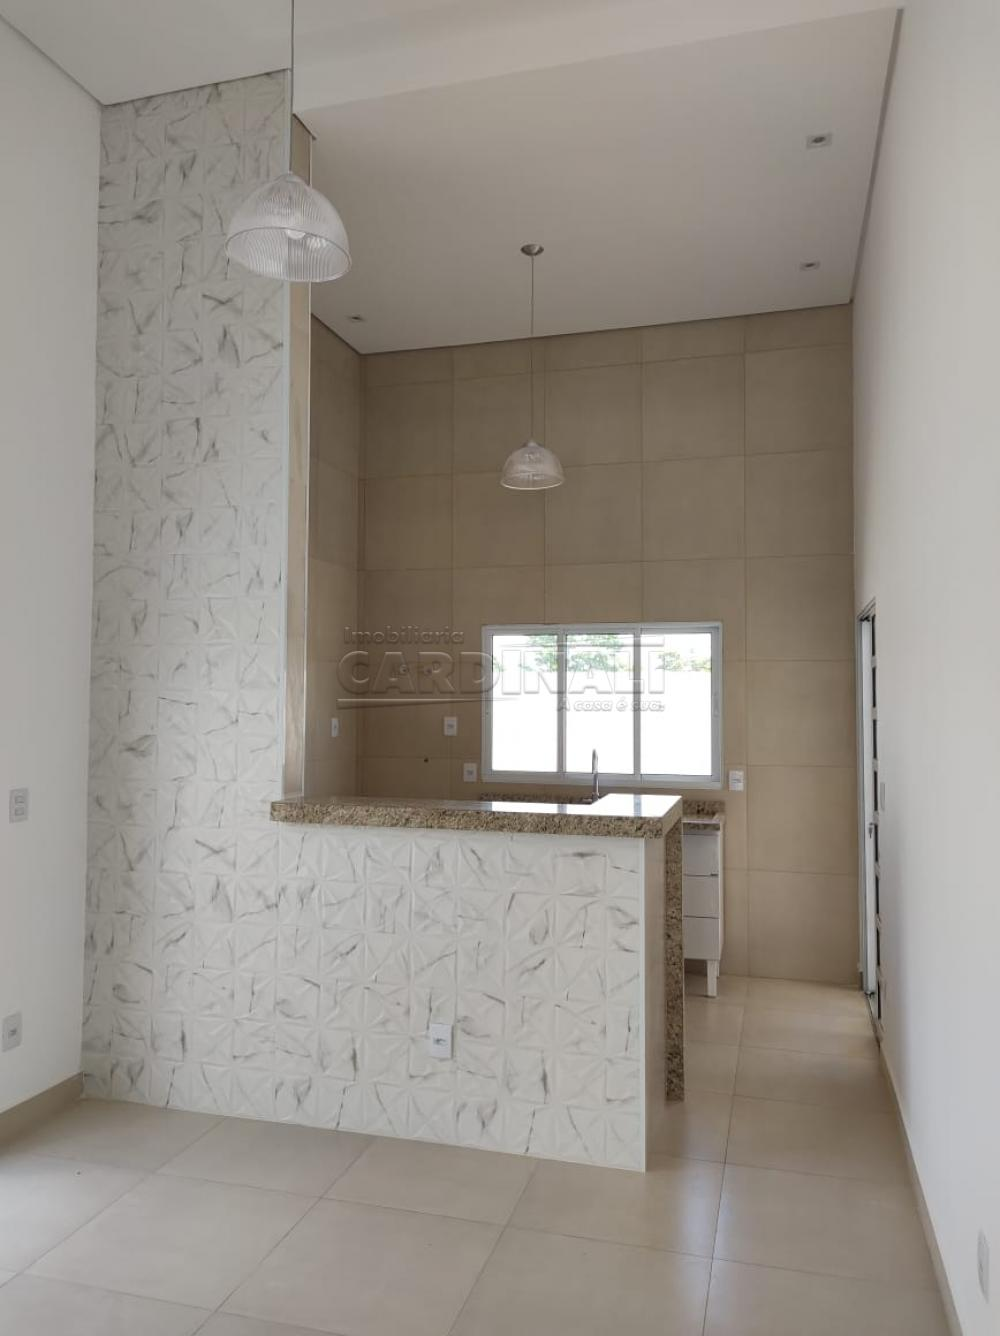 Comprar Casa / Condomínio em Araraquara R$ 480.000,00 - Foto 12